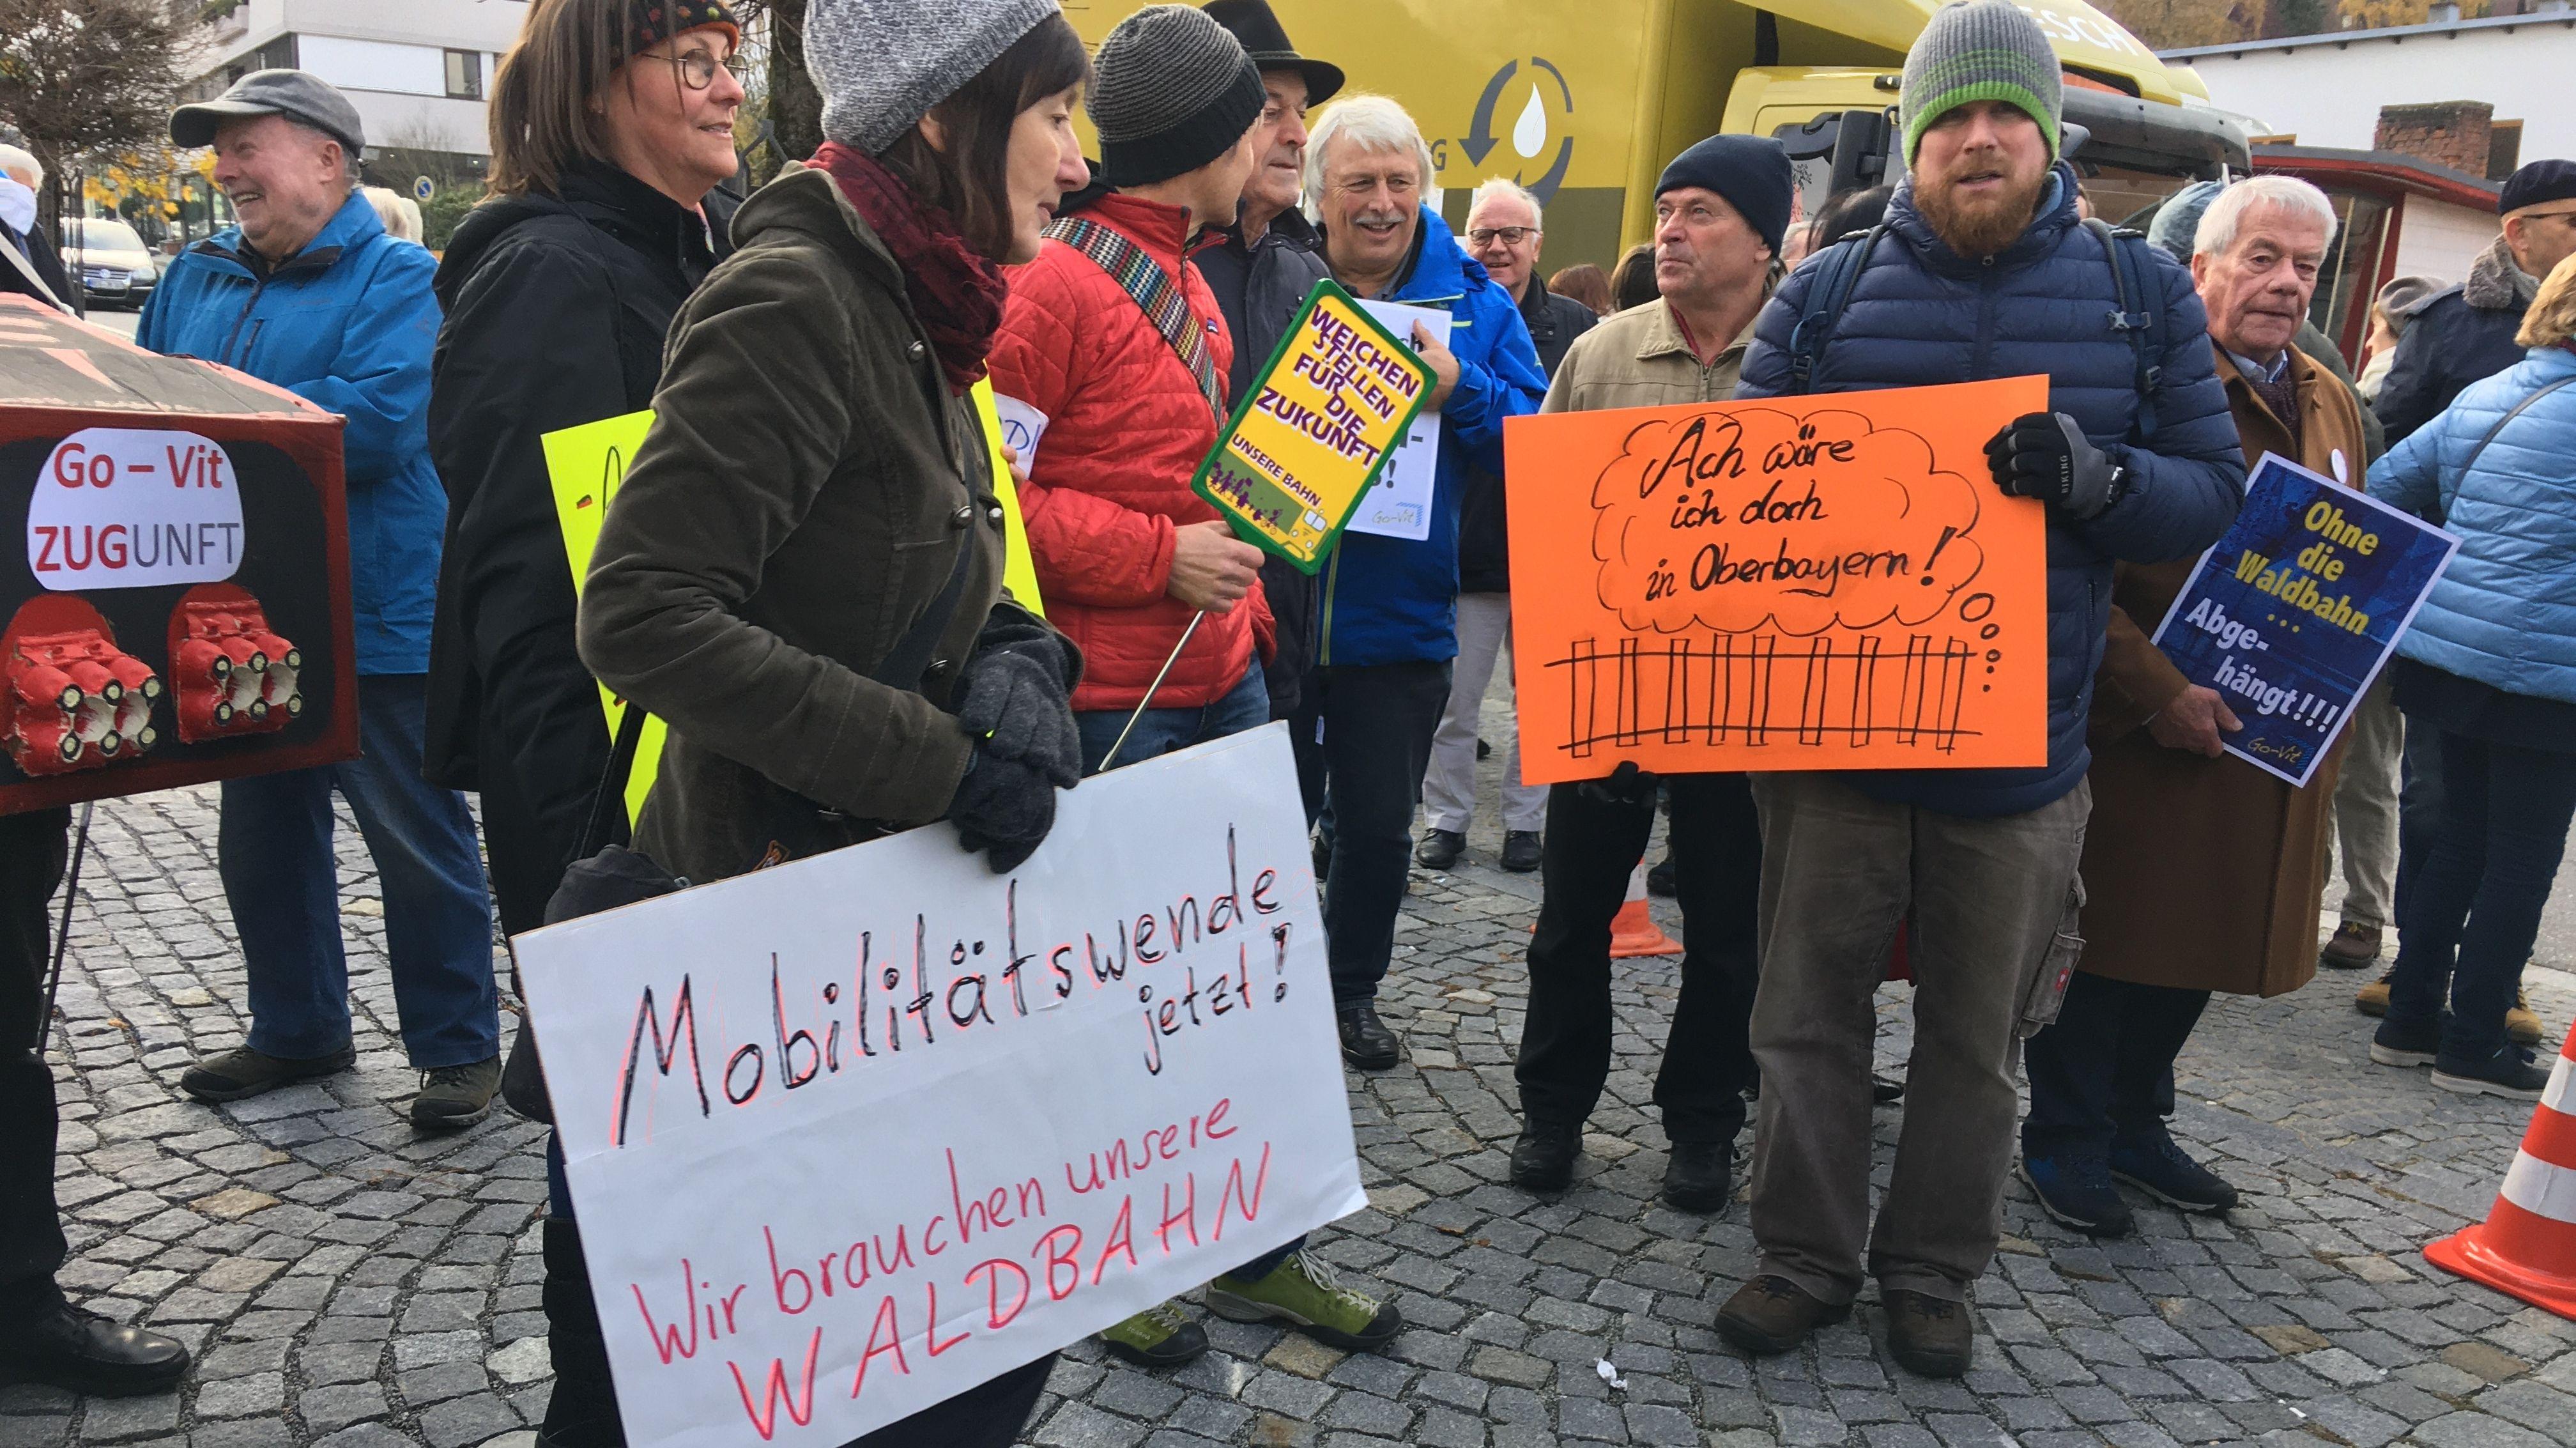 Die Bürger fordern den Erhalt der Waldbahn-Linie Gotteszell-Viechtach.